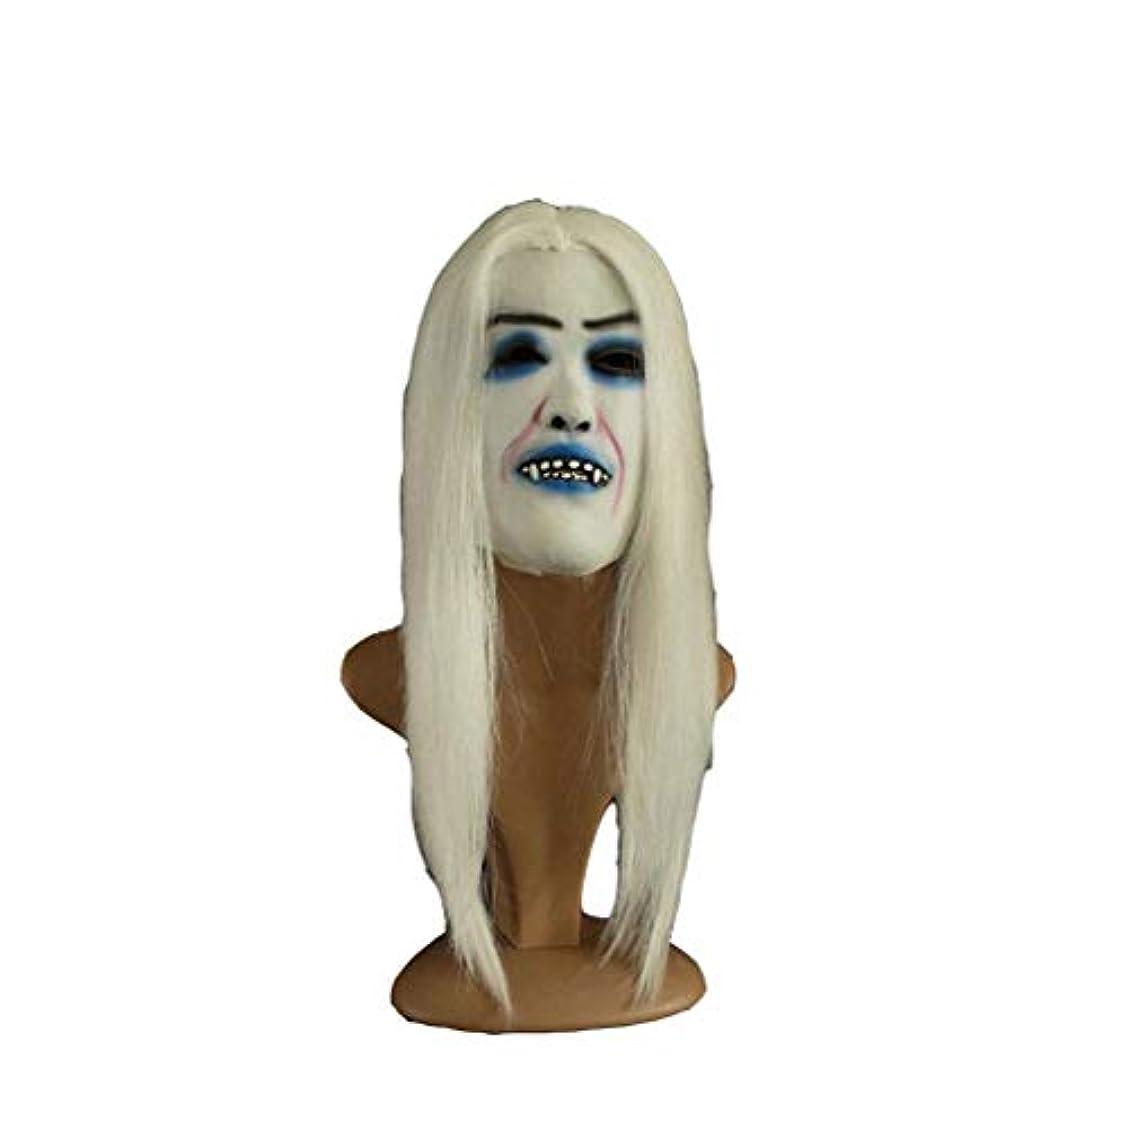 カルシウムガラス固めるハロウィンホラーマスク、白の顔をしかめたかつらコスプレ怖い吸血鬼のかつら22 * 21 cm髪の長さ67 cm